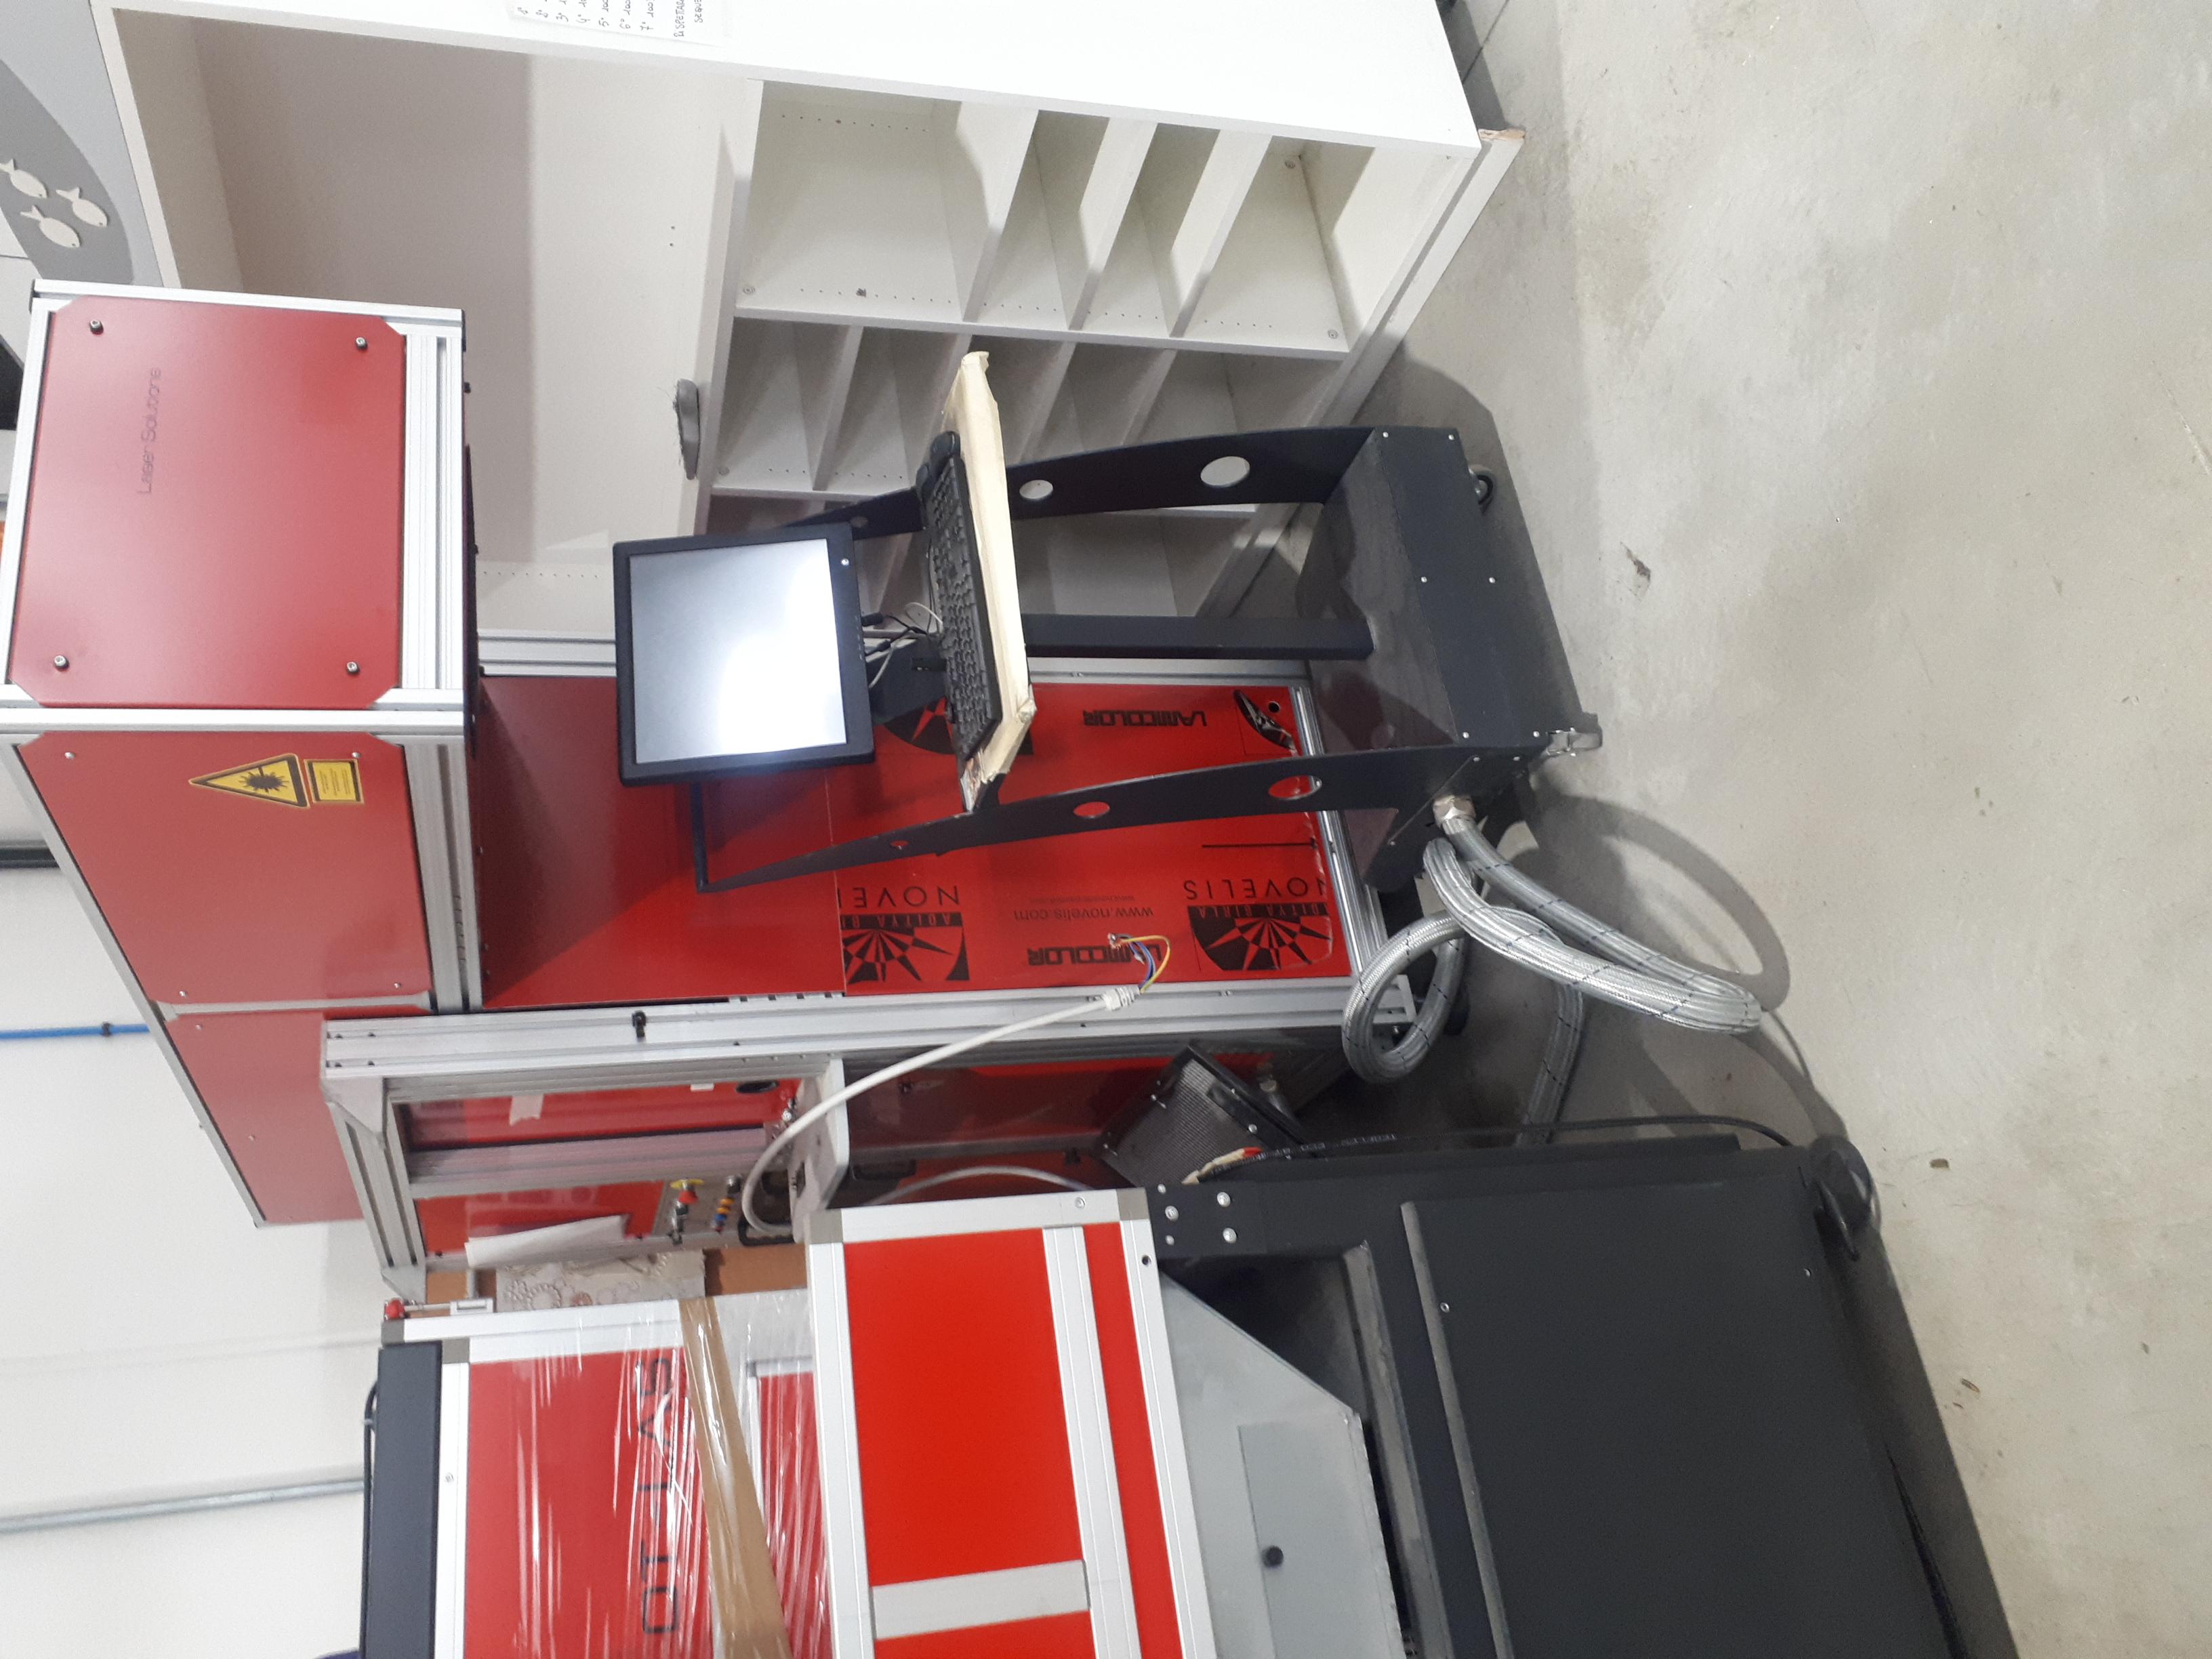 MACCHINA LASER MODELLO GX 25/60 in vendita - foto 1